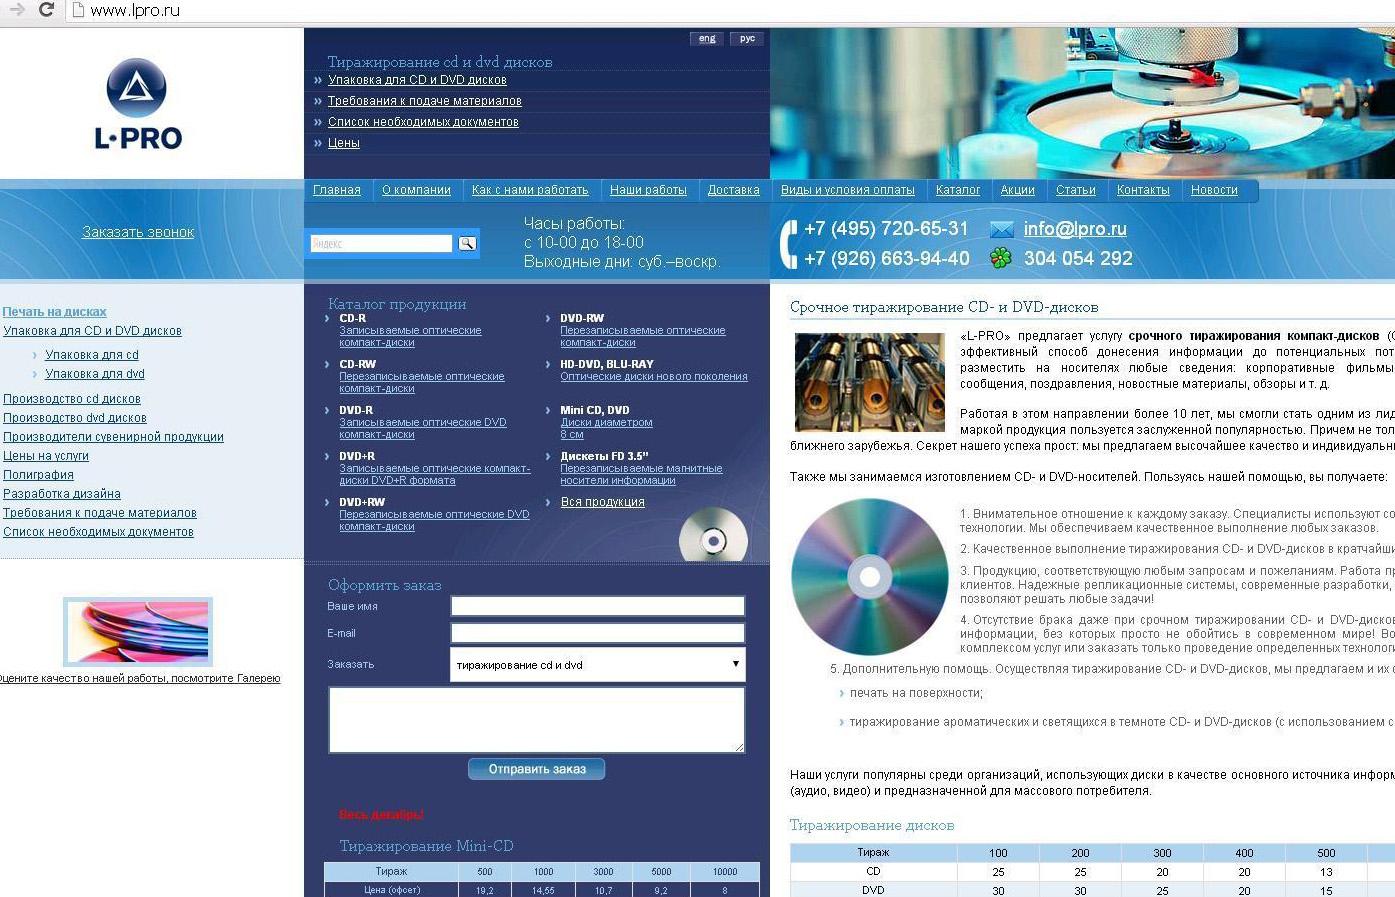 Разработка модулей vTigerCRM для LPro.ru ( производство дисков )